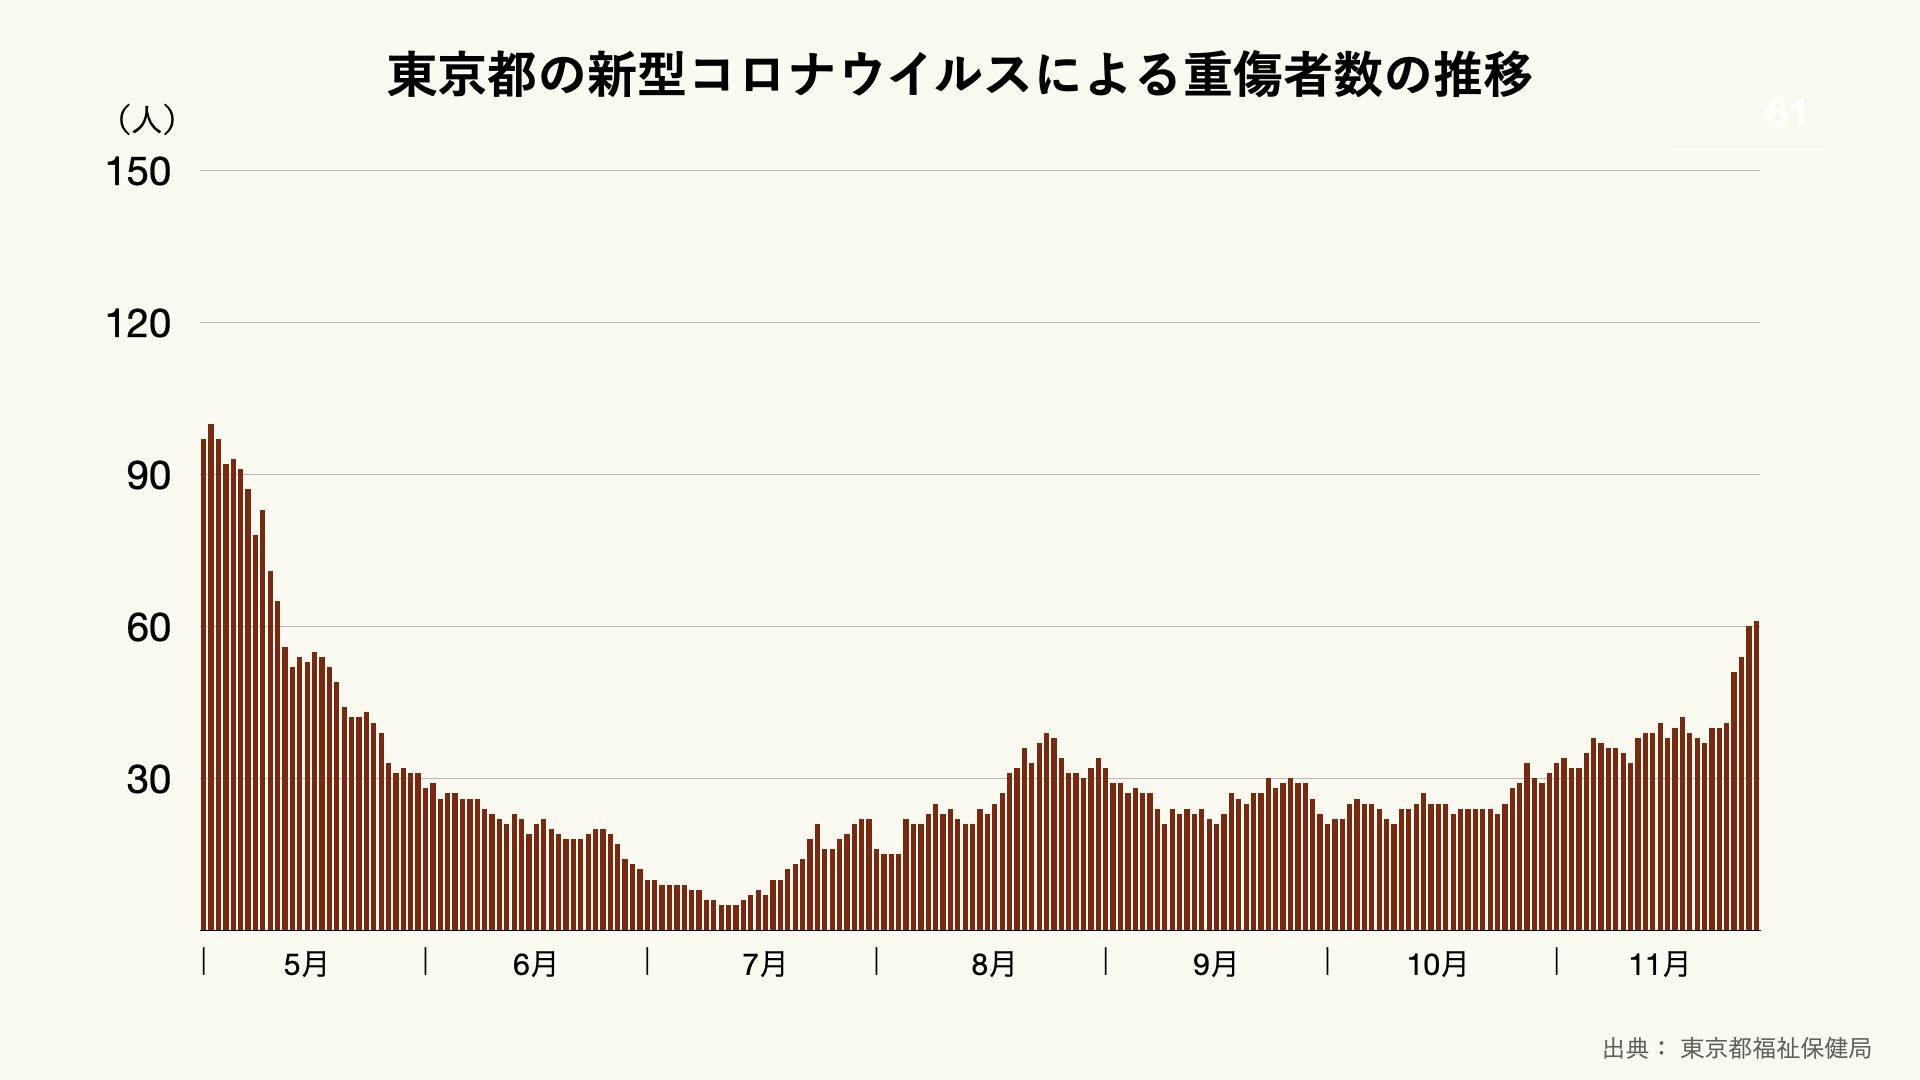 東京都の新型コロナウイルスによる重症患者数の推移